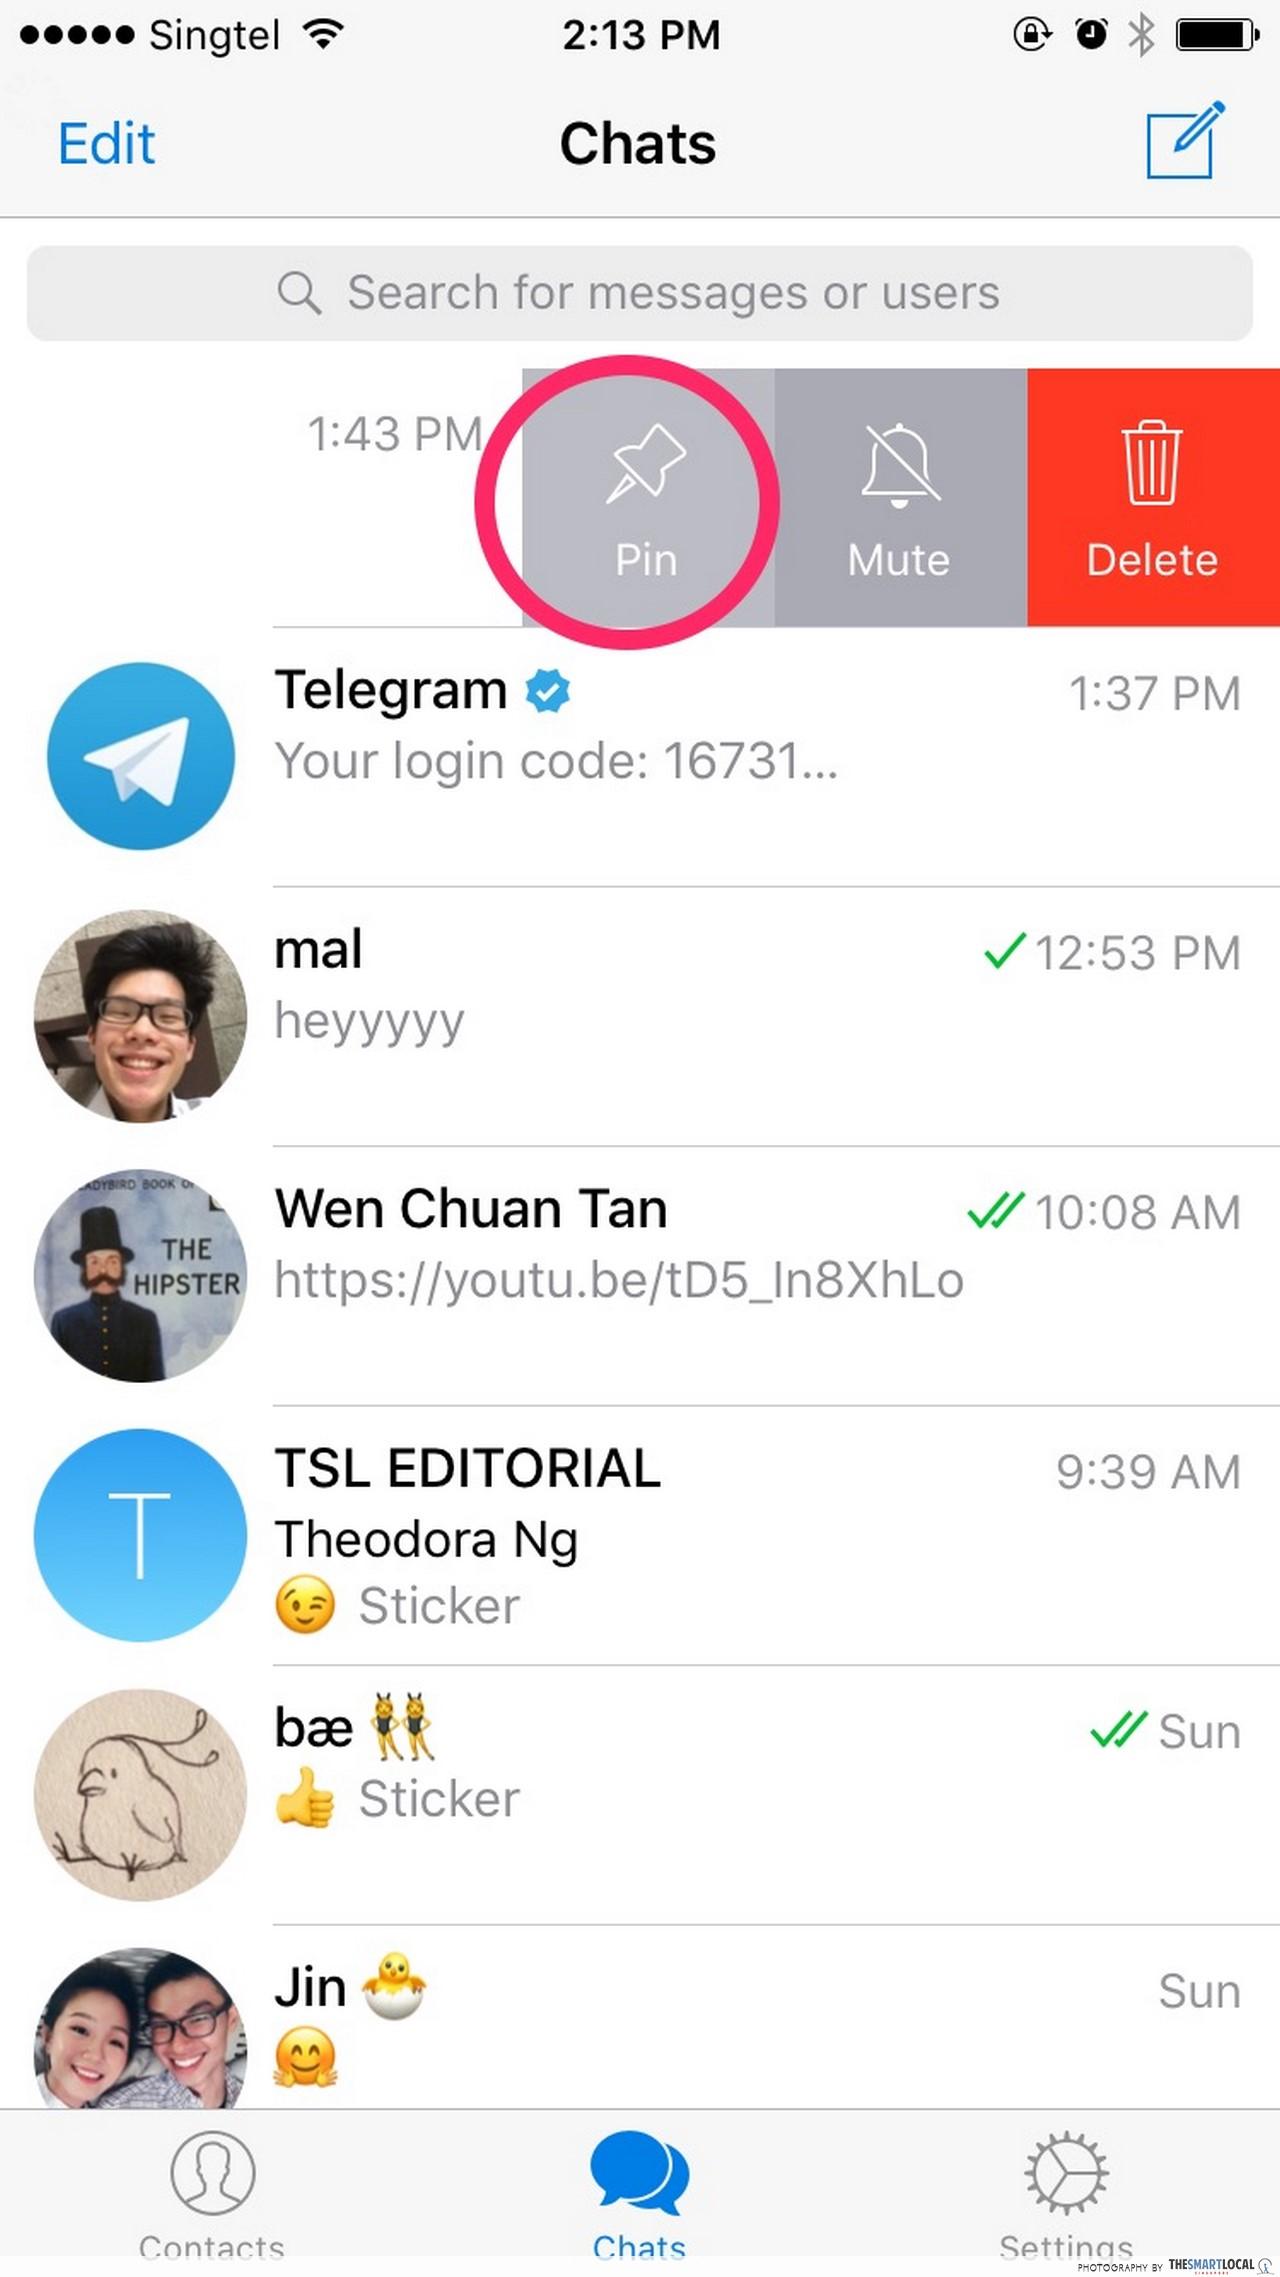 Как сделать pinned в телеграмме